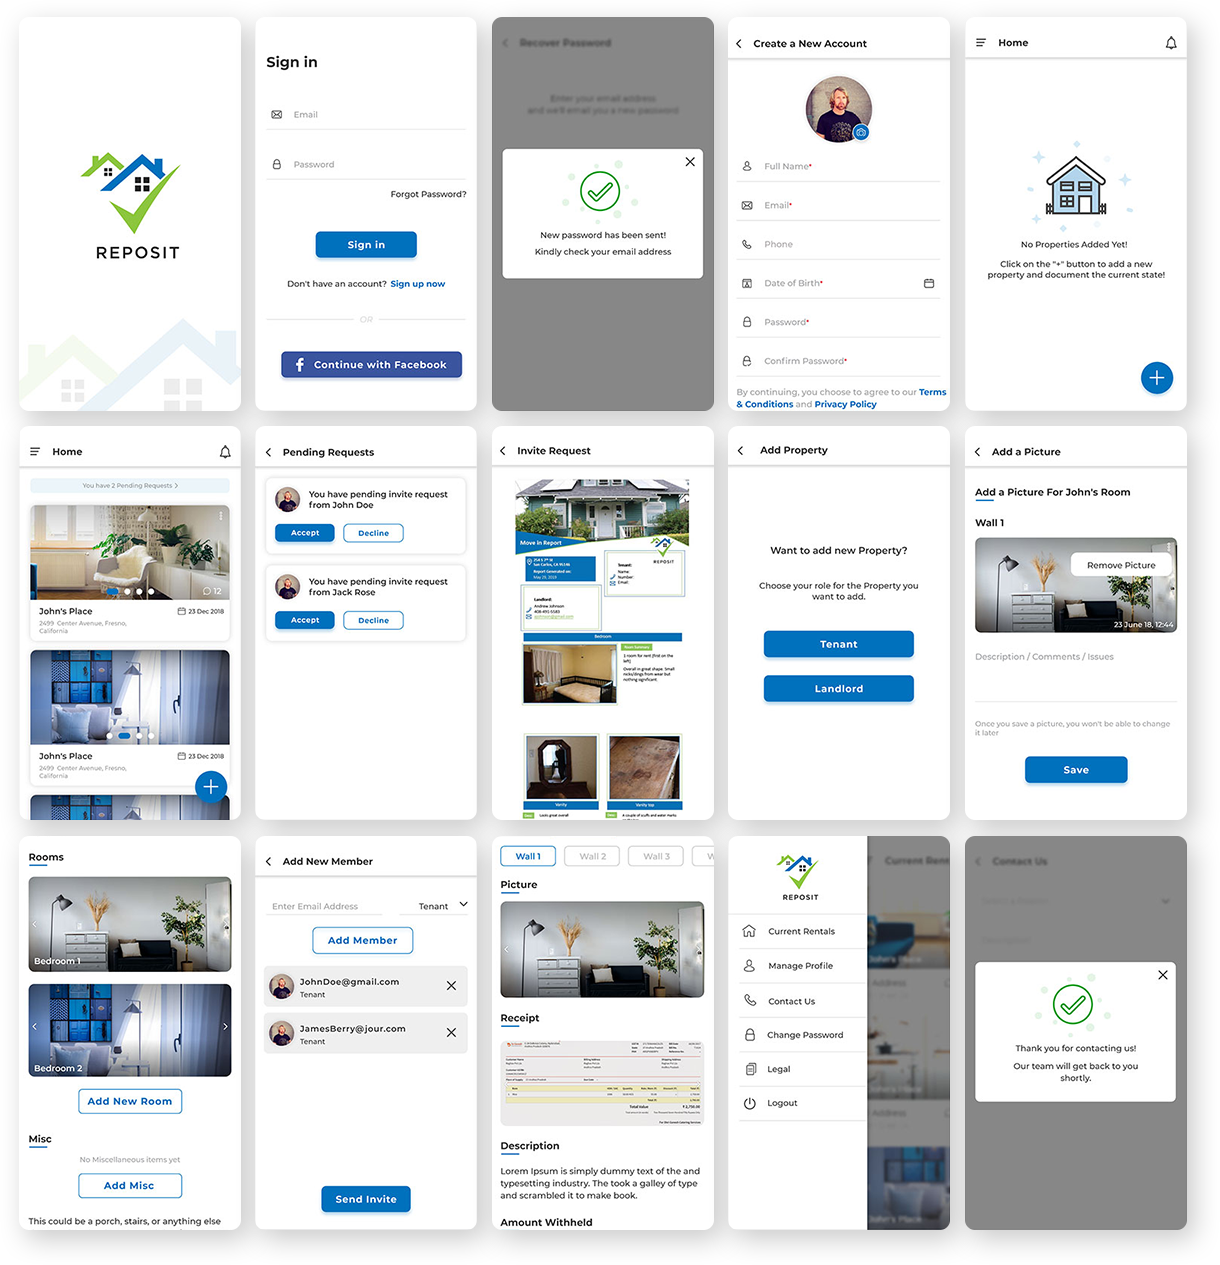 Reposit App Screens